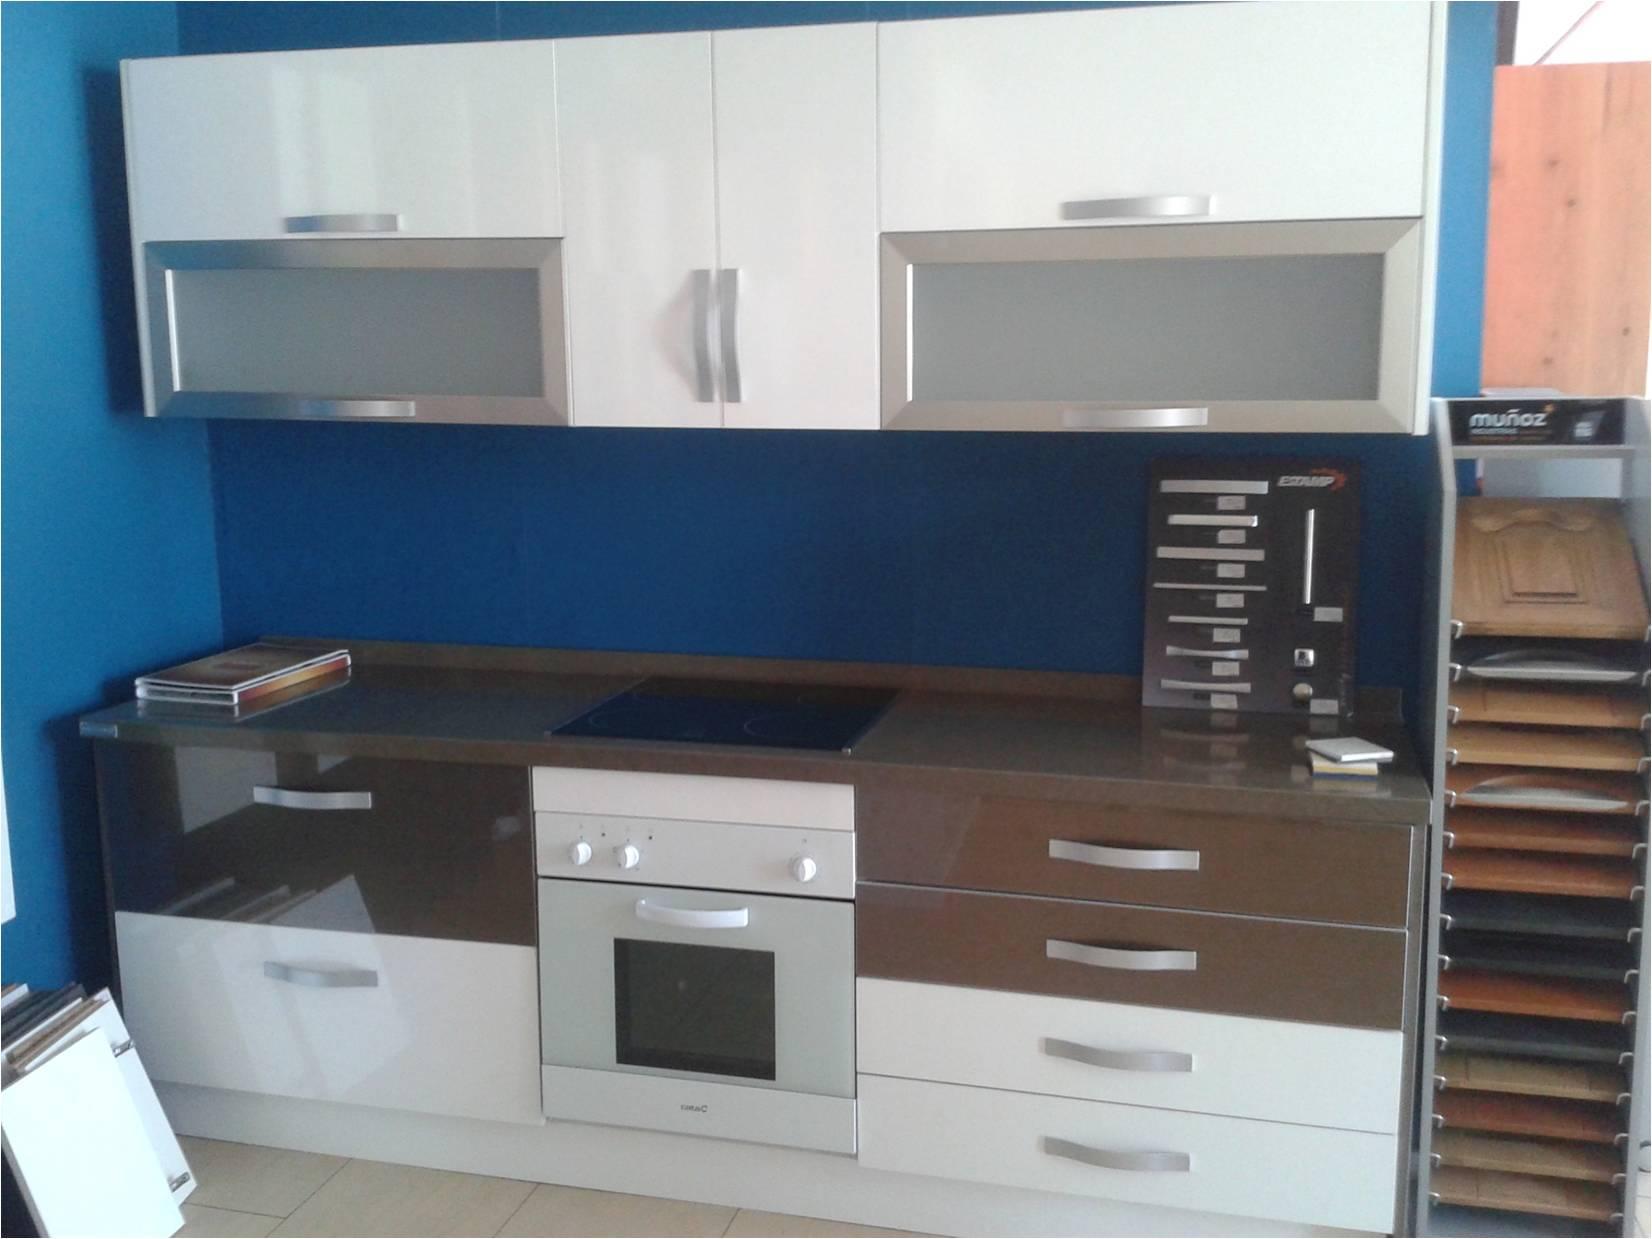 Liquidaci n exposiciones muebles cocina for Liquidacion de muebles de cocina